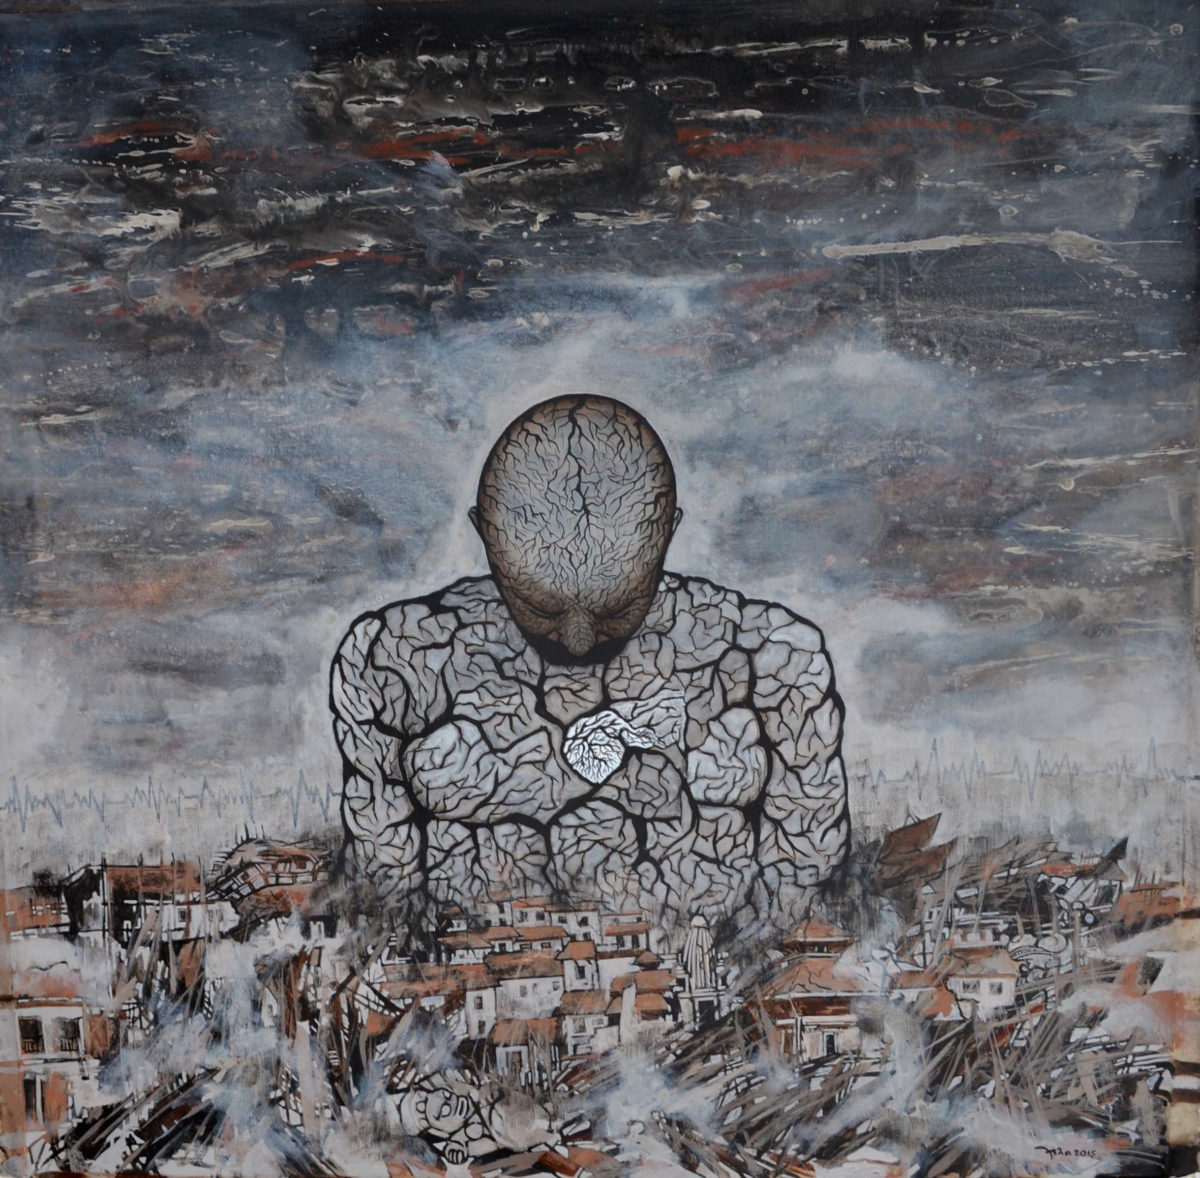 Asha Dangol, Aftermath, Acryl auf Leinwand, 2015 © Asha Dangol